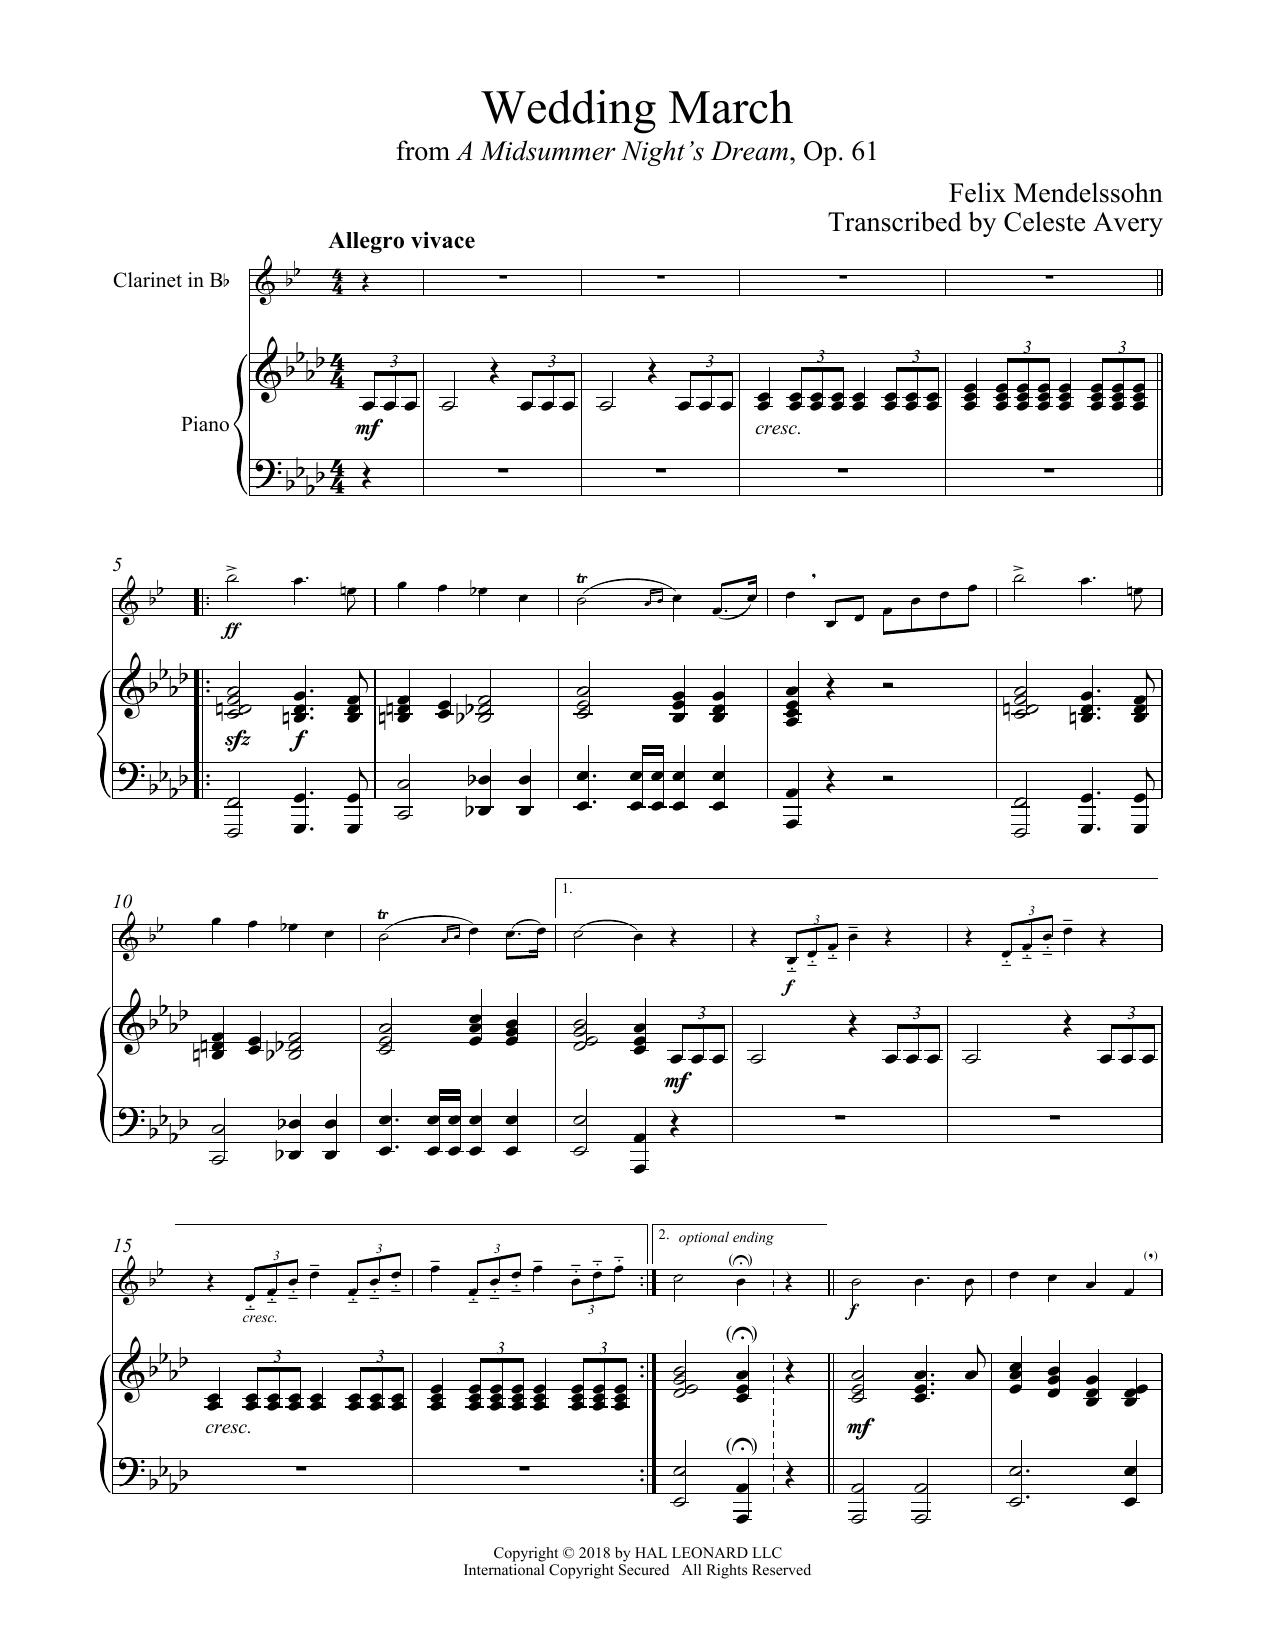 Felix Mendelssohn Wedding March Sheet Music Notes Chords Score Download Printable Pdf Sheet Music Notes Sheet Music Music Notes